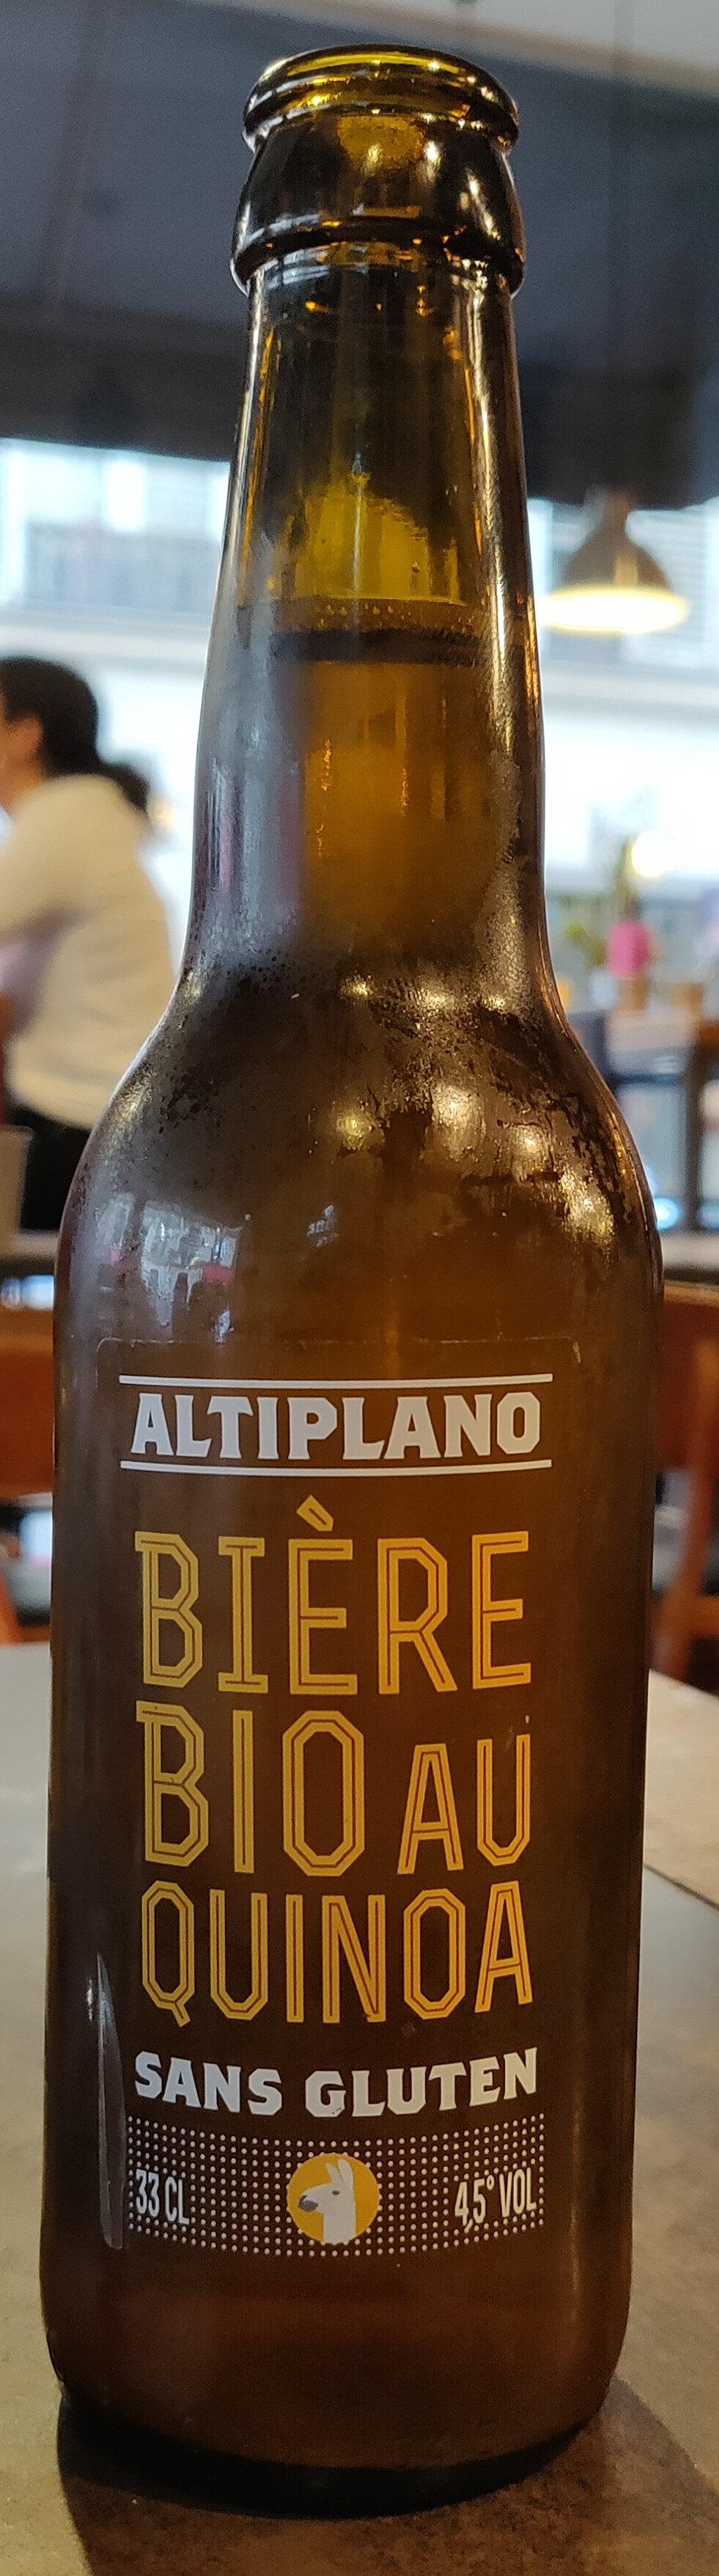 Bière bio au quinoa - Product - fr